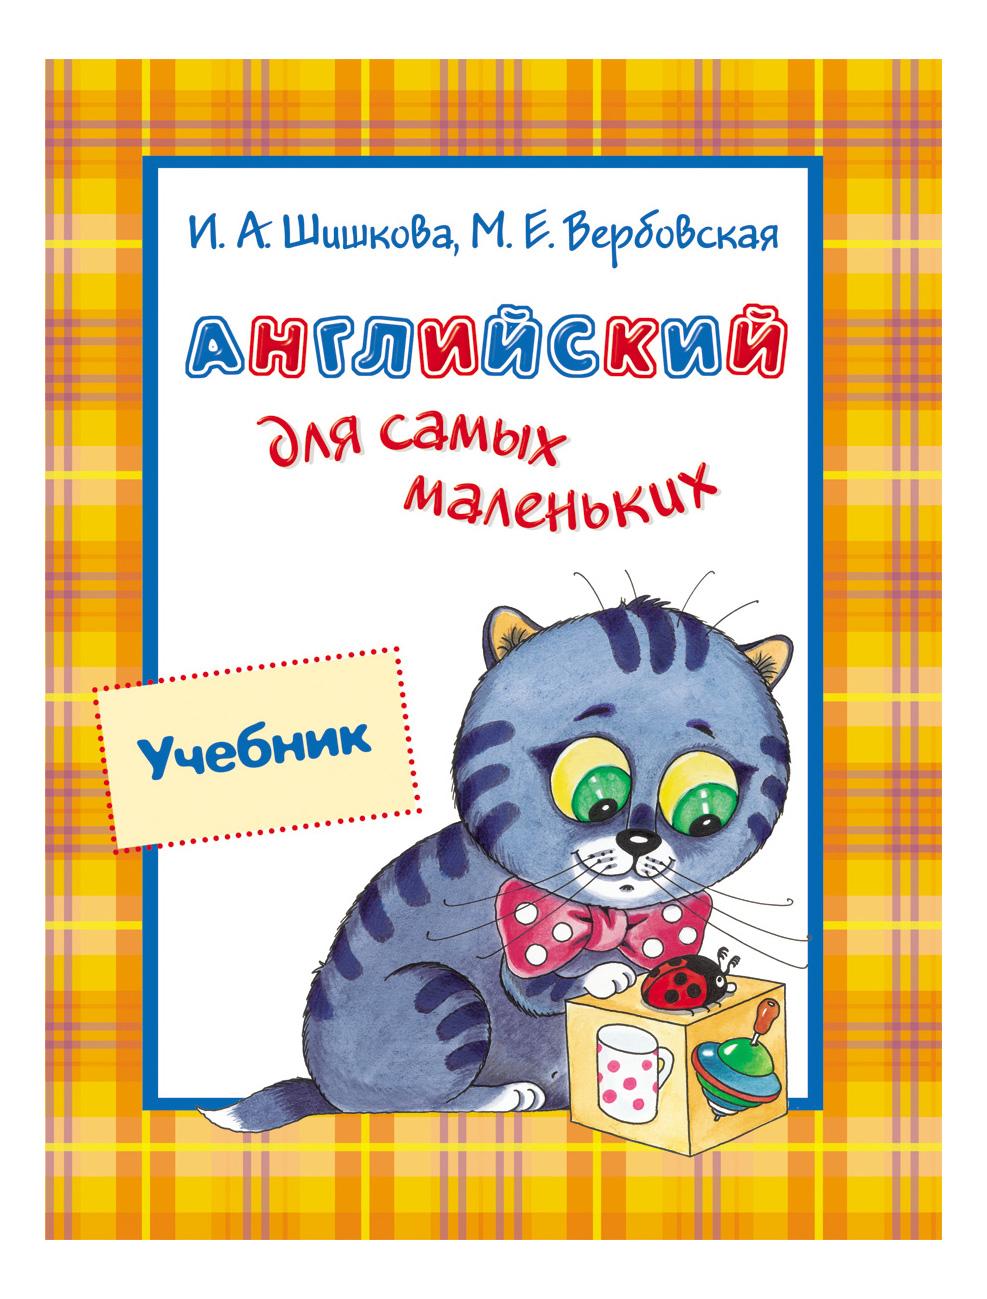 Английский для Самых Маленьких. Учебник. и Шишкова, М. Вербовская фото